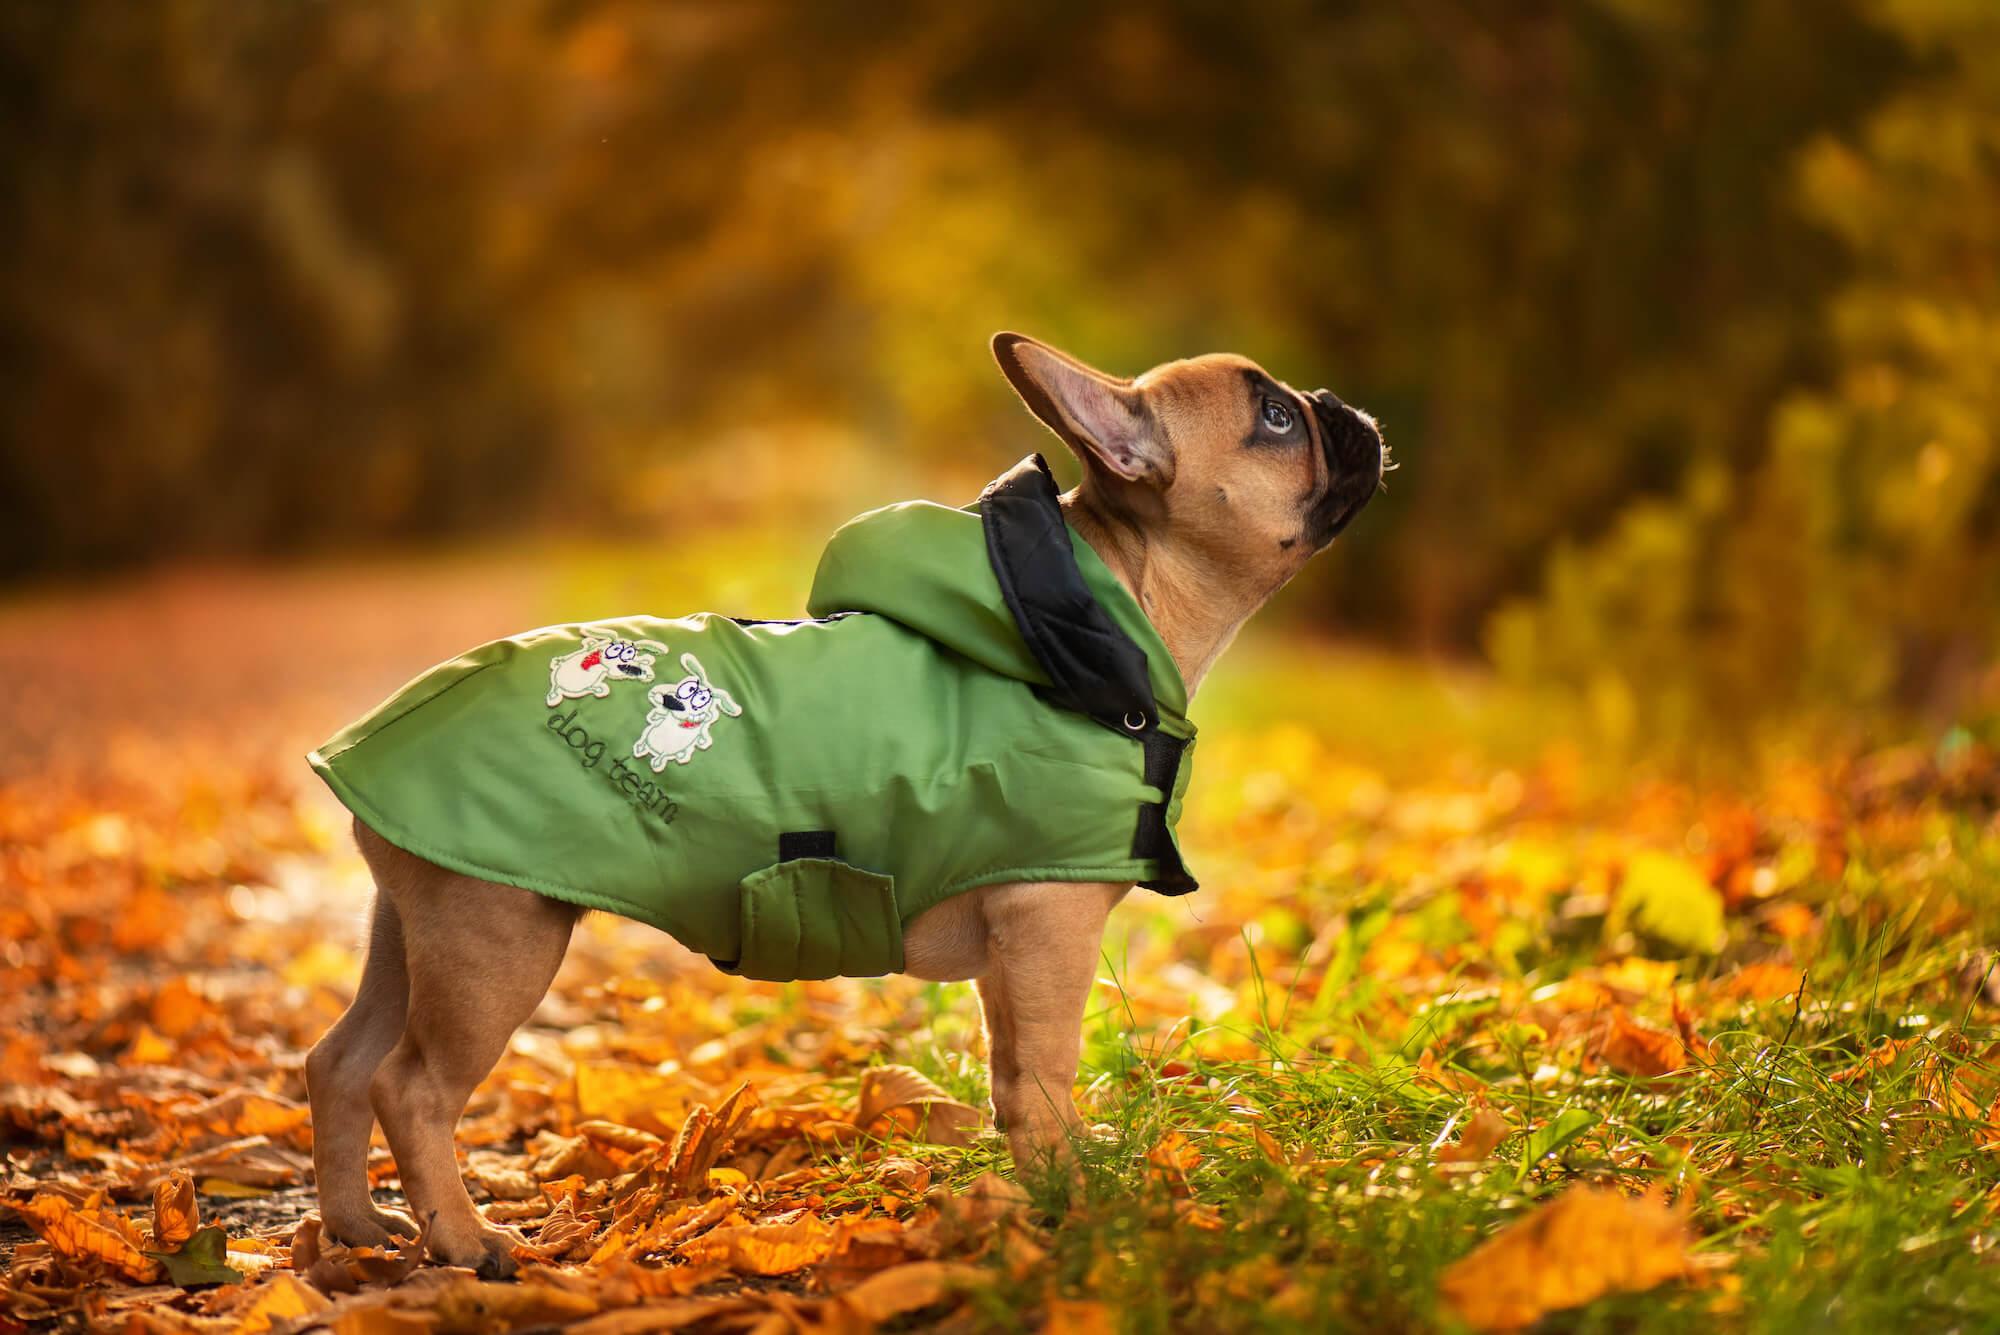 Autumn pláštěnka pro psa - pláštěnky pro psy - vsepropejska.cz